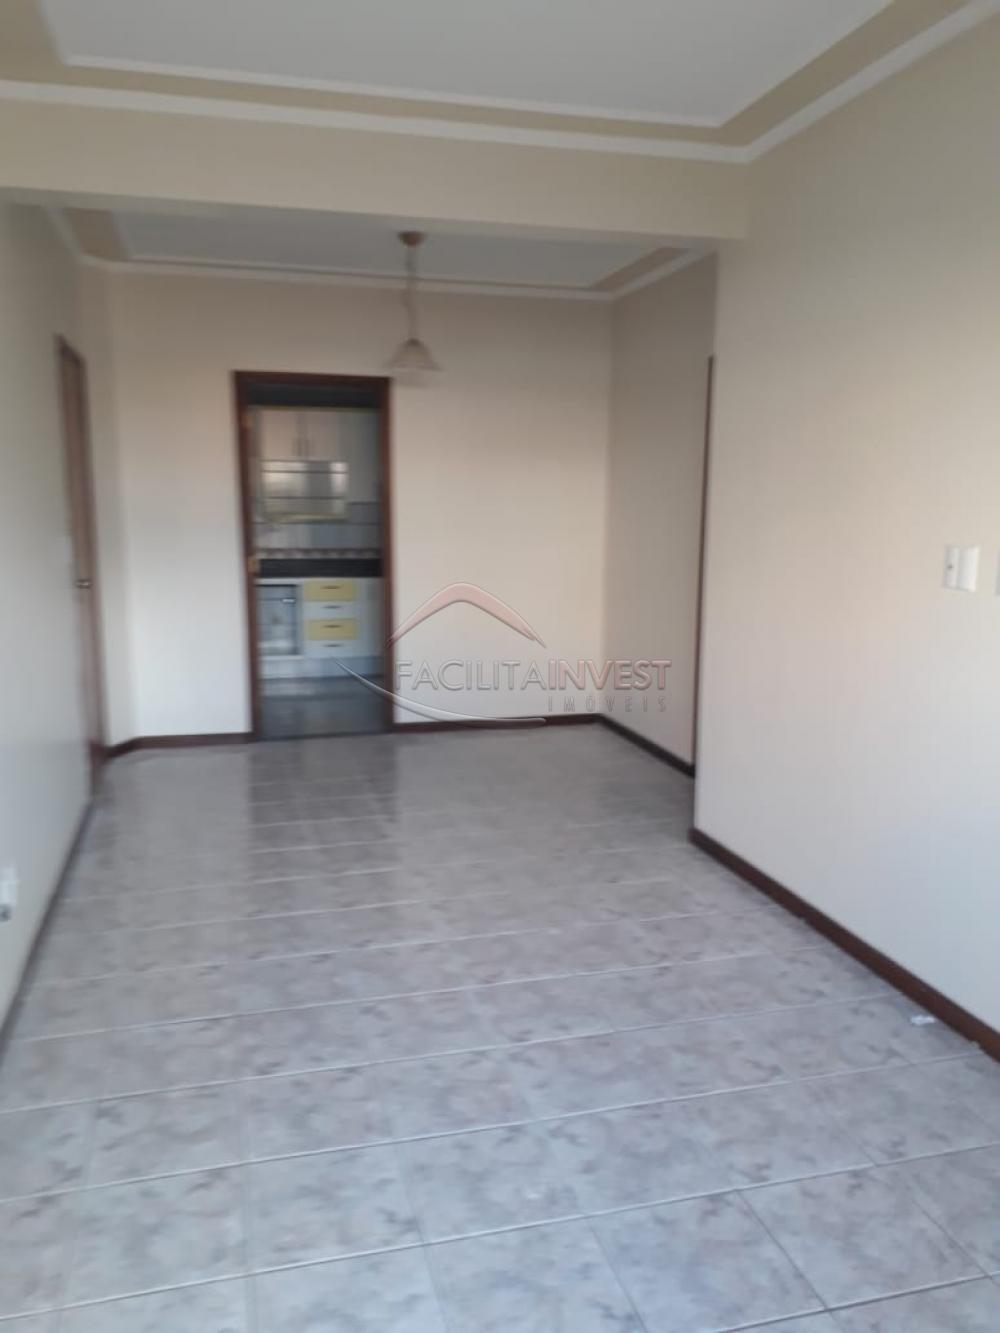 Ribeirao Preto Apartamento Venda R$279.000,00 Condominio R$200,00 3 Dormitorios 1 Suite Area construida 100.00m2